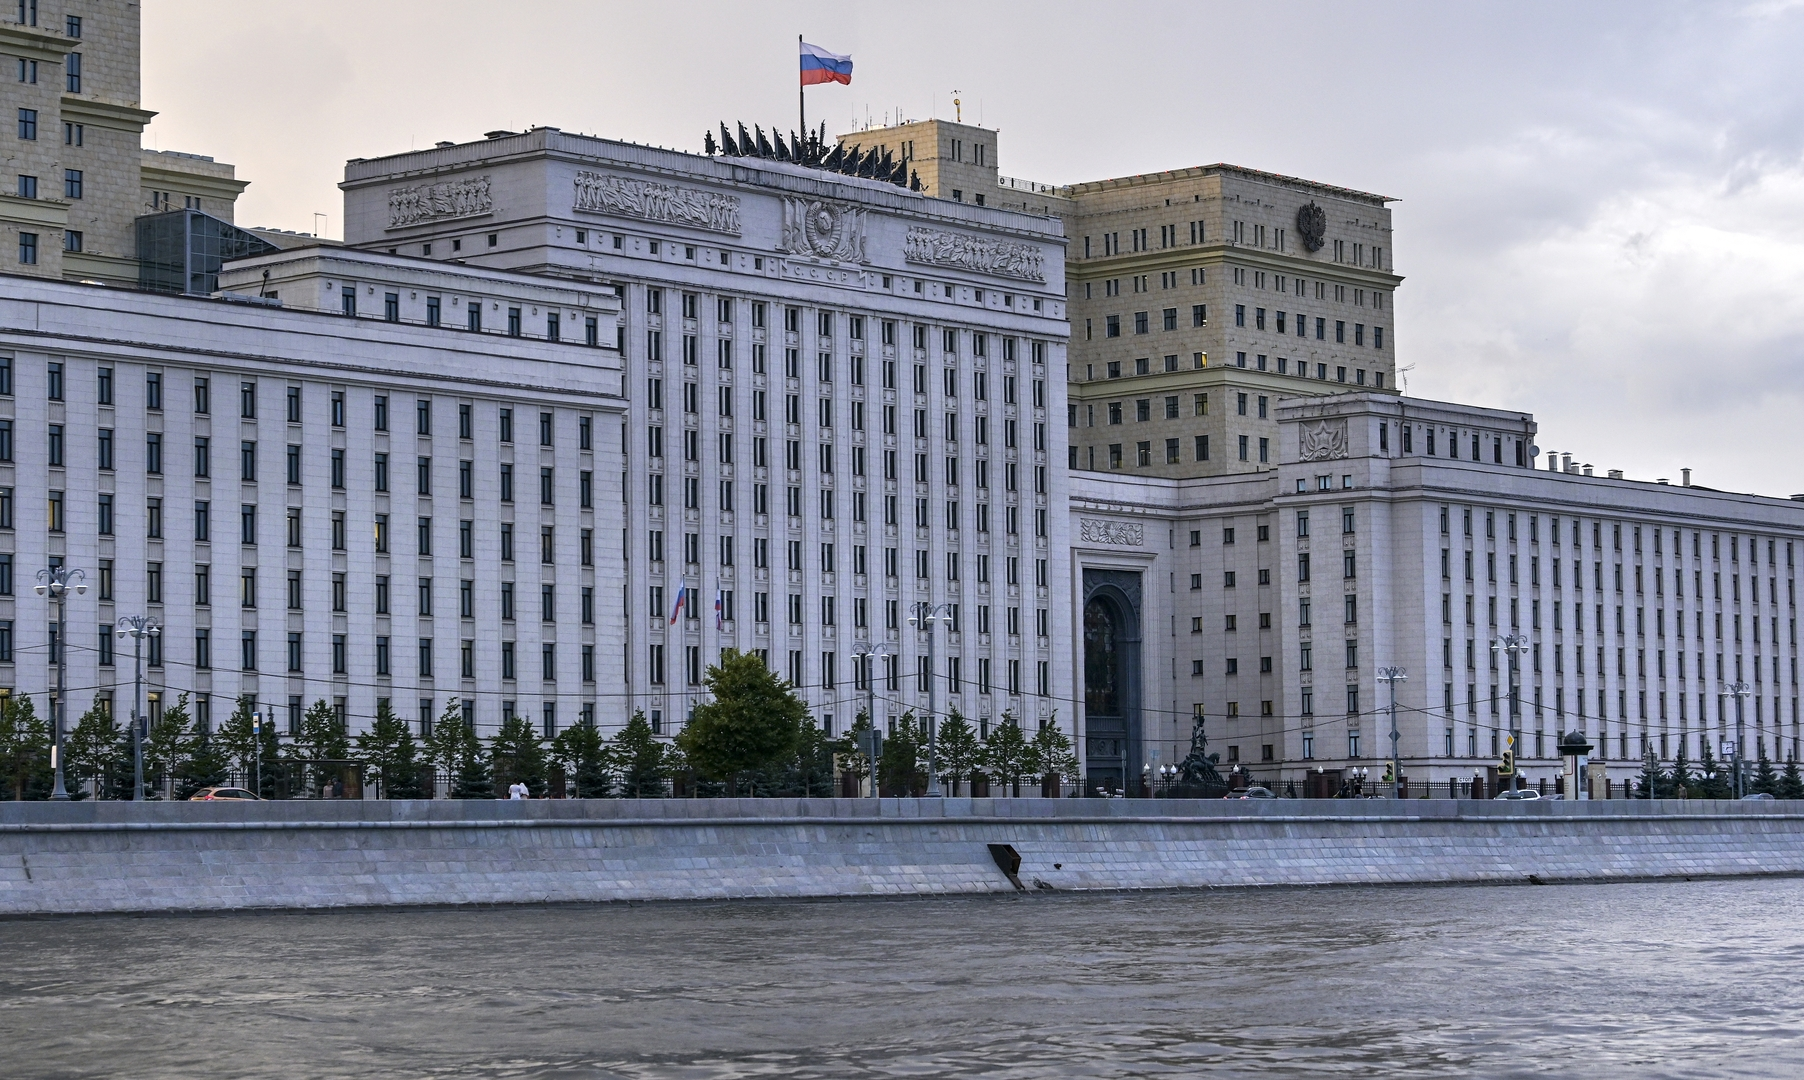 وزارة الدفاع الروسية تعلن مقتل ضابط وإصابة عسكريين اثنين عقب انفجار في سوريا